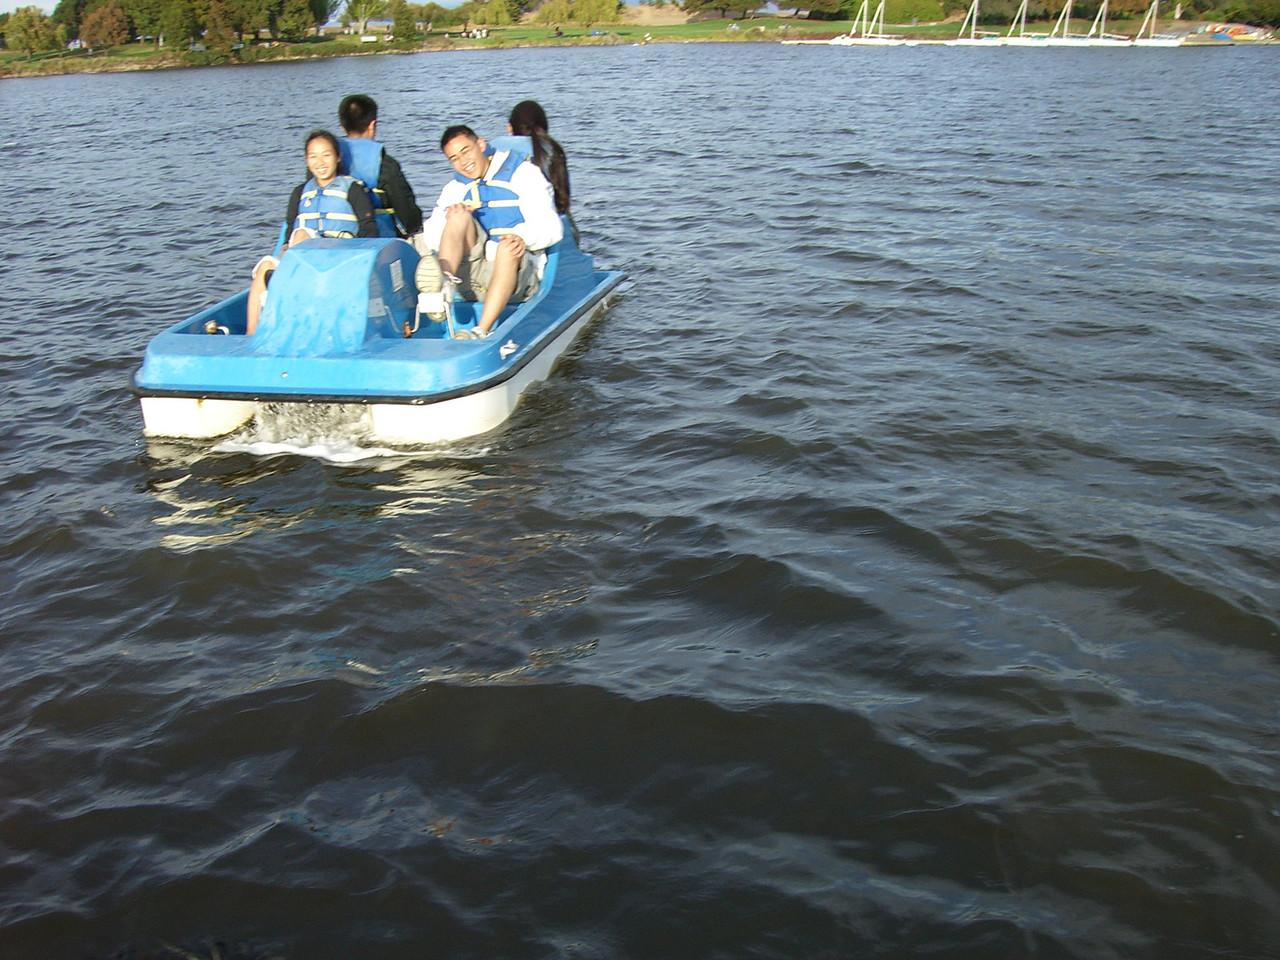 Jenny Alyono, Michael Lin, Ben Poon, & Jenn Kim's boat